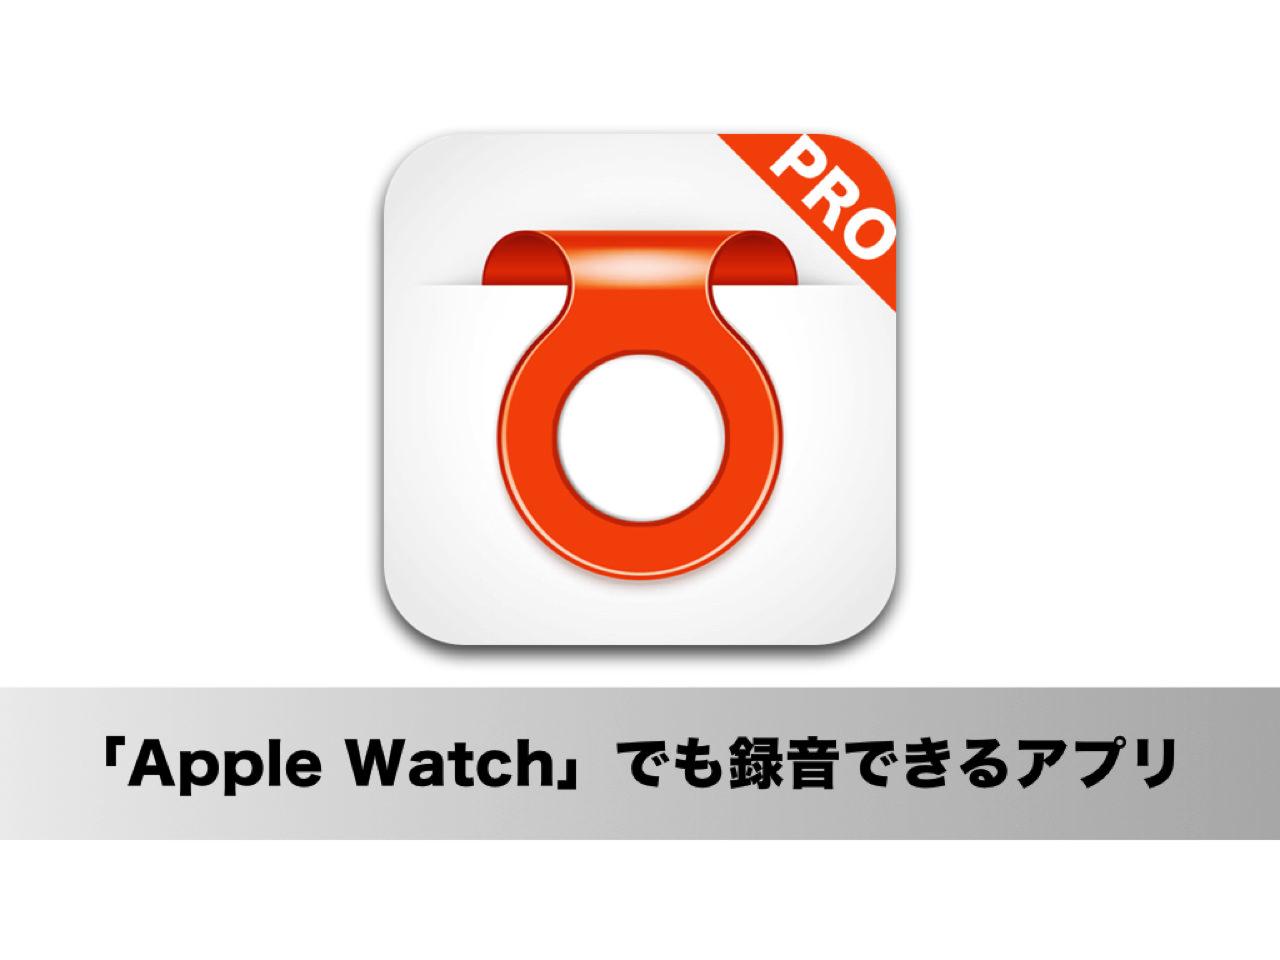 これは便利!「Apple Watch」でも録音できる iPhoneアプリ「録音 Pro」